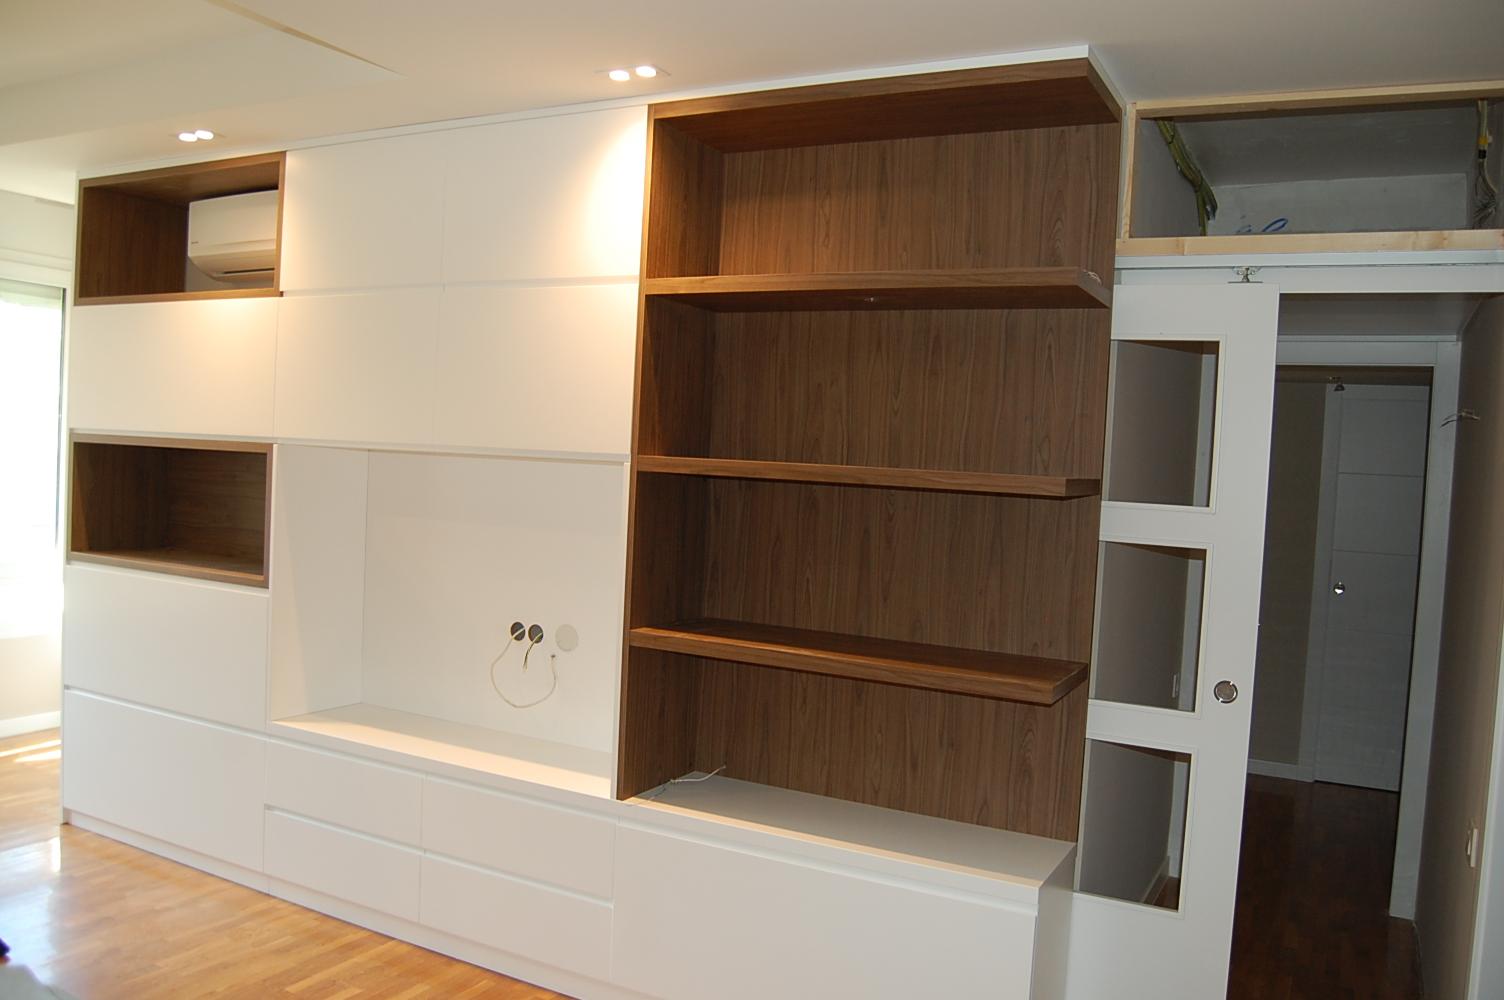 Mueble comedor a medida combinado en laca blanca y laminado madera. Cajones de extracción total con freno